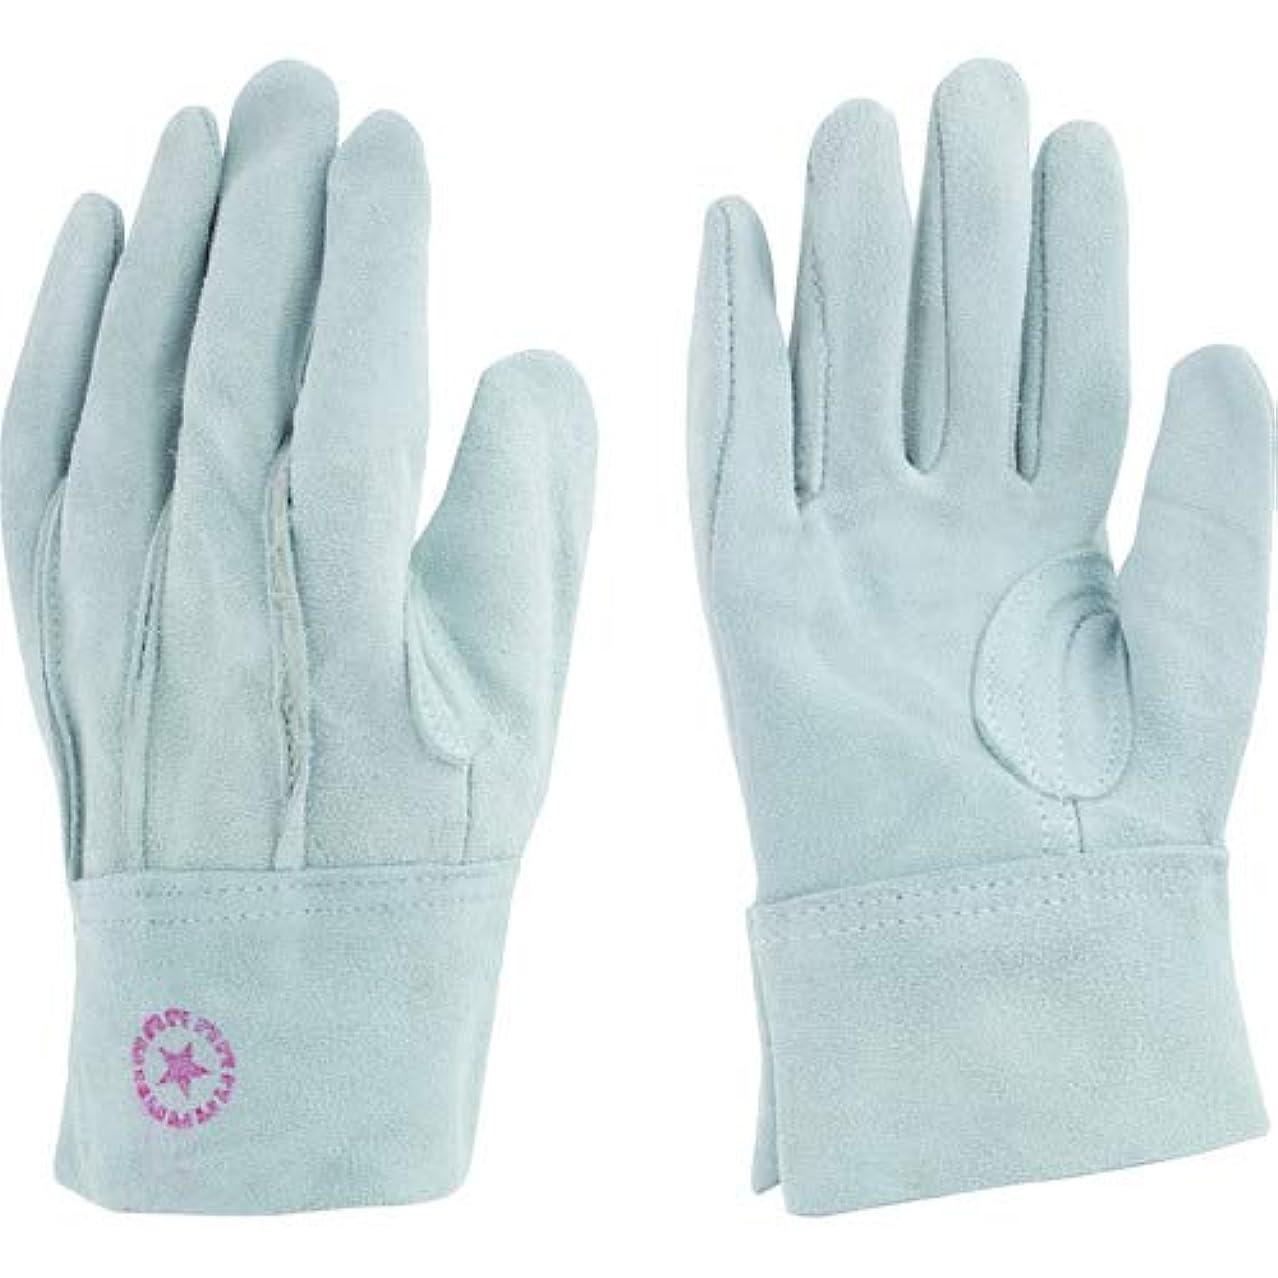 旅行者賛辞撃退する東和コーポレーション 革手袋 牛床革 M-A パチ付 (外縫い) 452 フリー グレー